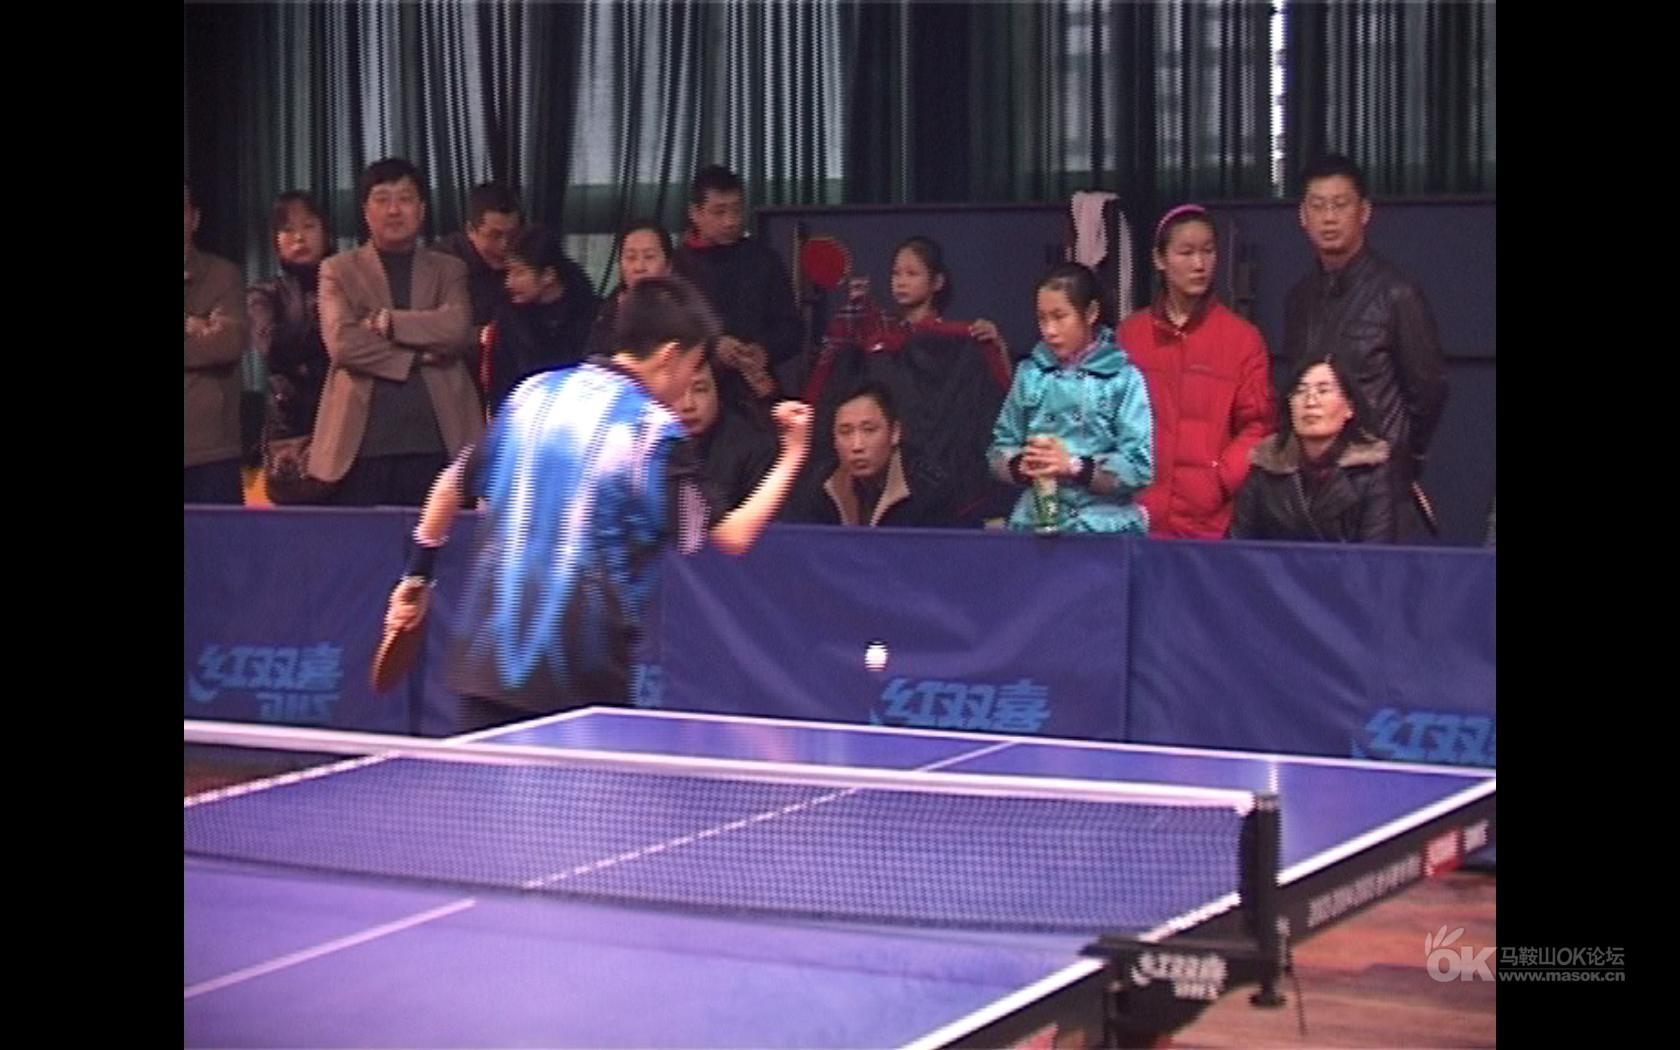 2010年马鞍山市中小学乒乓球比赛即时报道-小寨赛格儿童攀岩收费图片